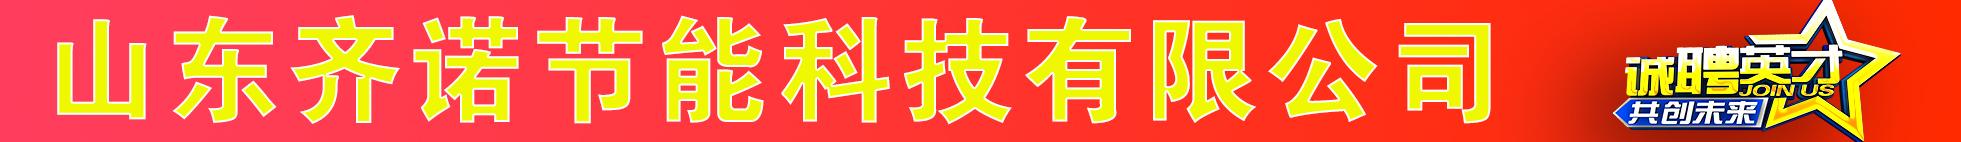 山东齐诺节能科技有限公司